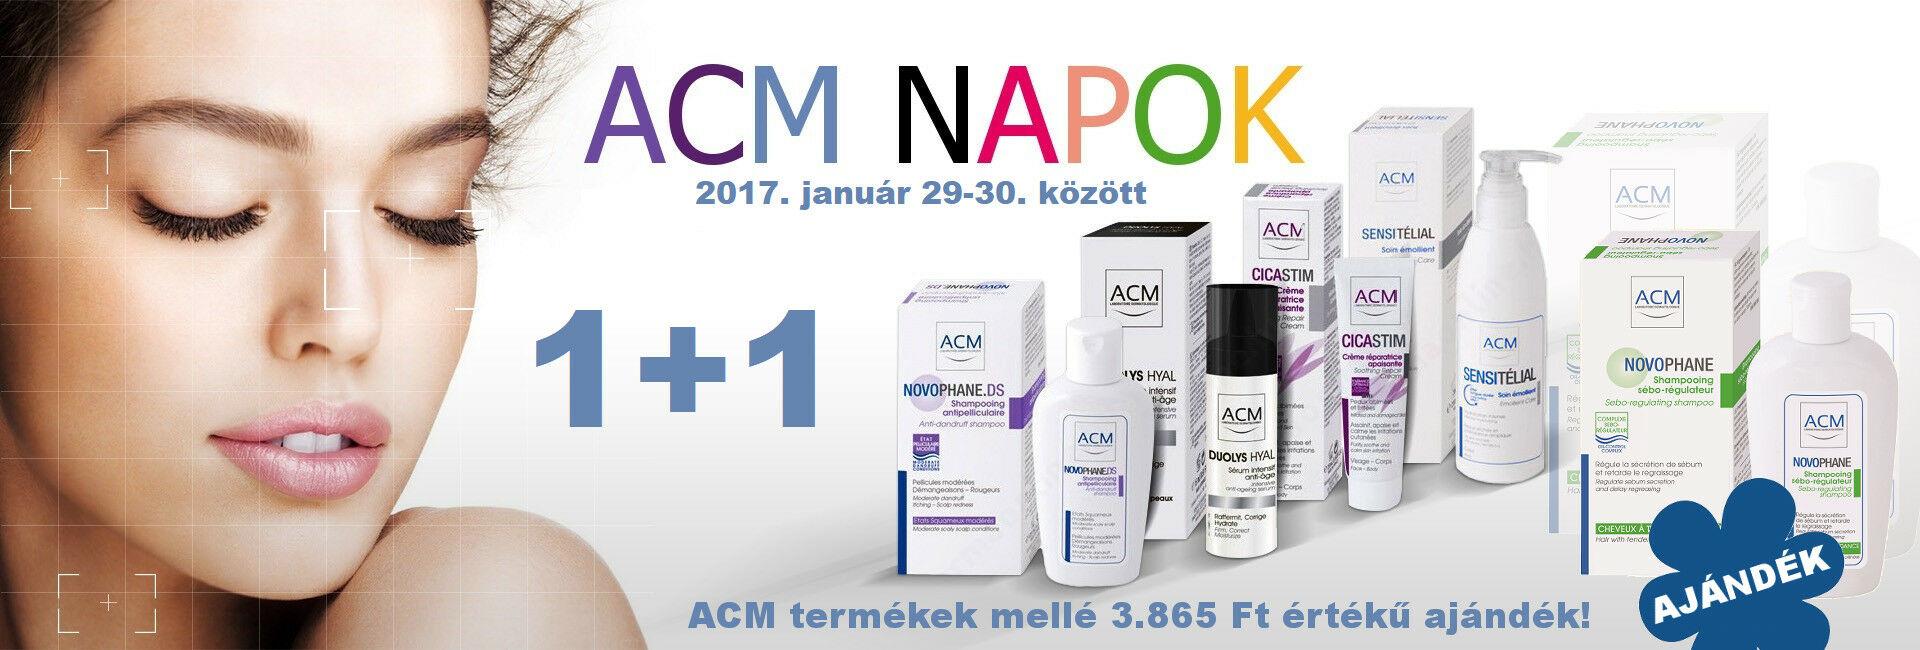 2018. január 29-30. között ACM termékek mellé ajándékba adunk 1db ACM Novophane zsírosodást gátló sampon 200ml-t!